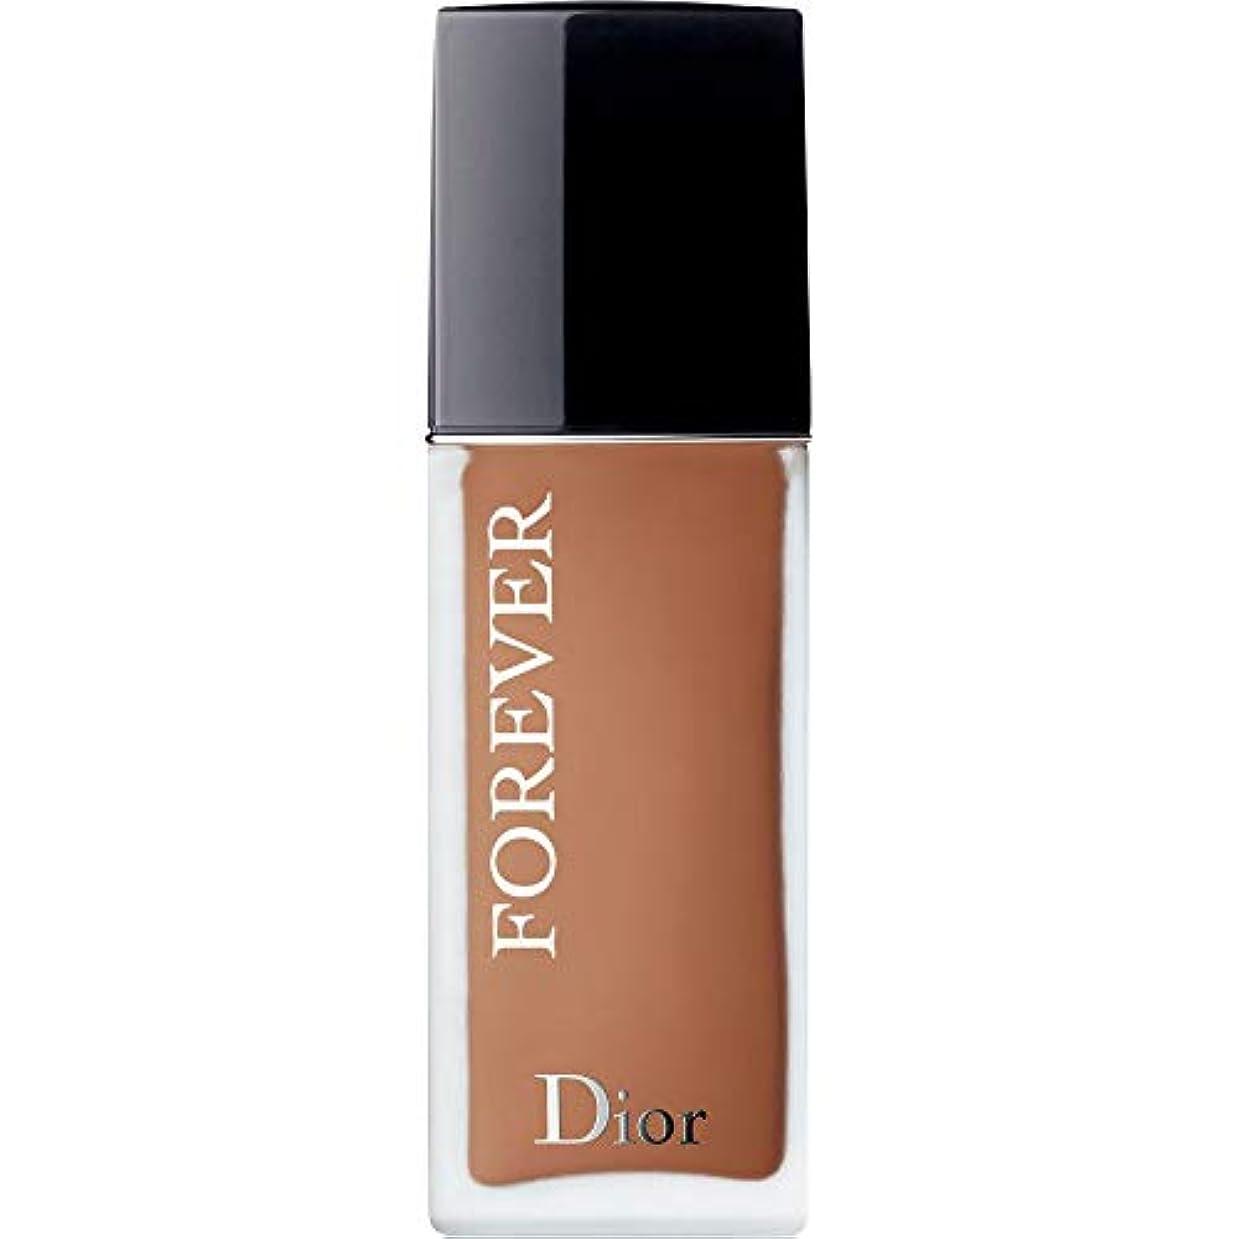 内陸コーン疑問に思う[Dior ] ディオール永遠皮膚思いやりの基盤Spf35 30ミリリットルの5N - ニュートラル(つや消し) - DIOR Forever Skin-Caring Foundation SPF35 30ml 5N - Neutral (Matte) [並行輸入品]